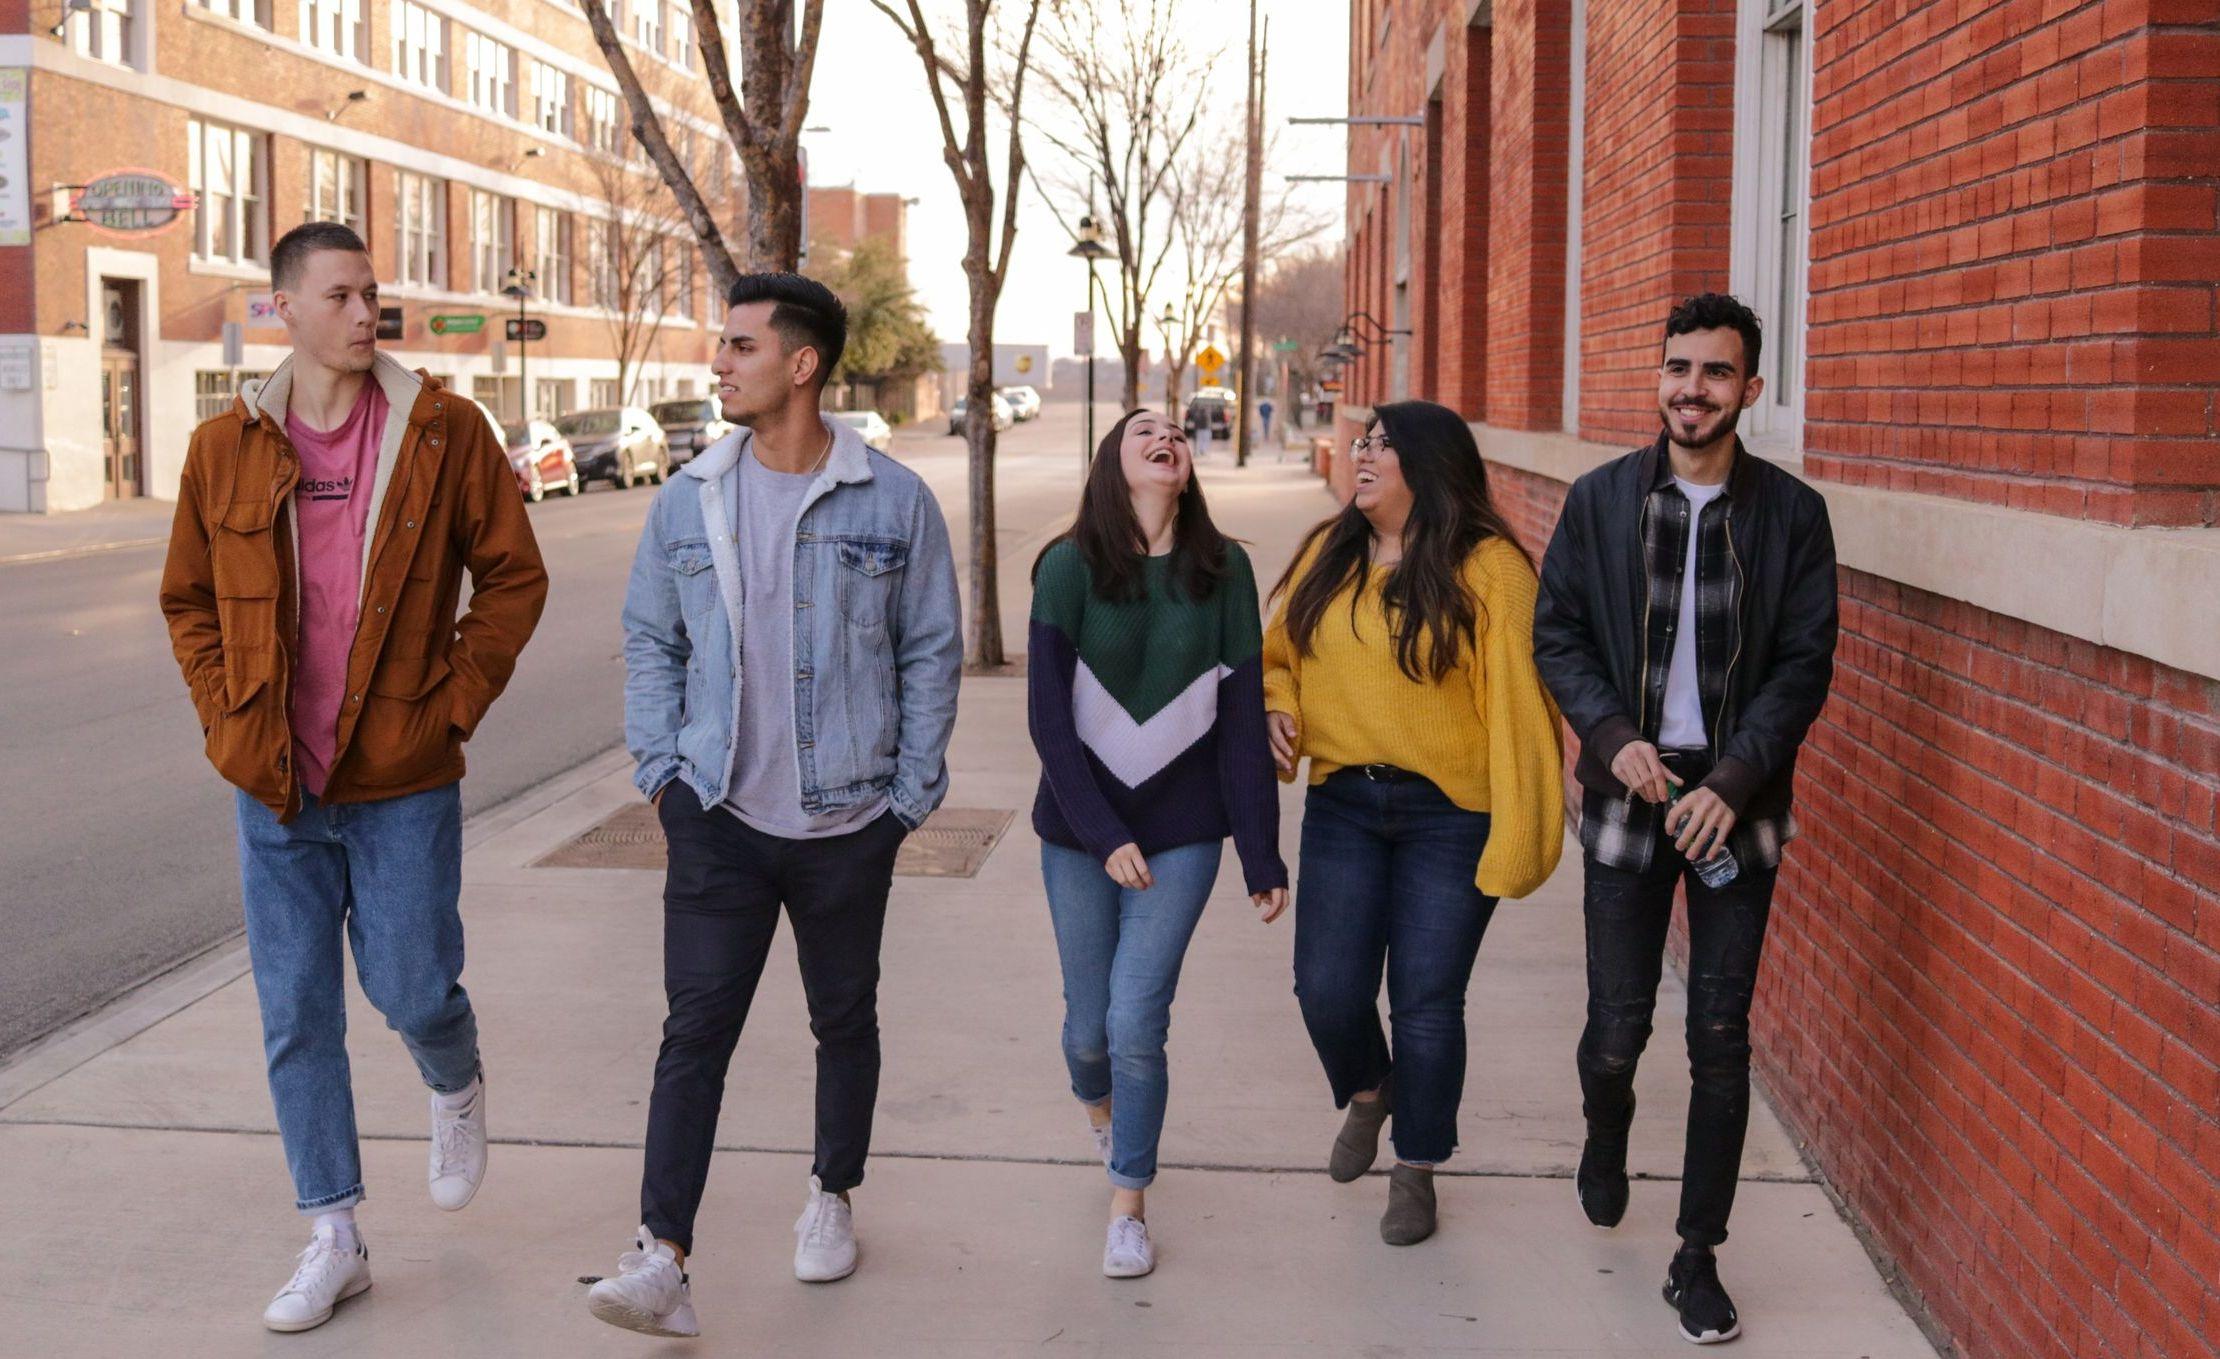 Gruppe junger Menschen, die lachen und sich sichtlich wohl fühlen